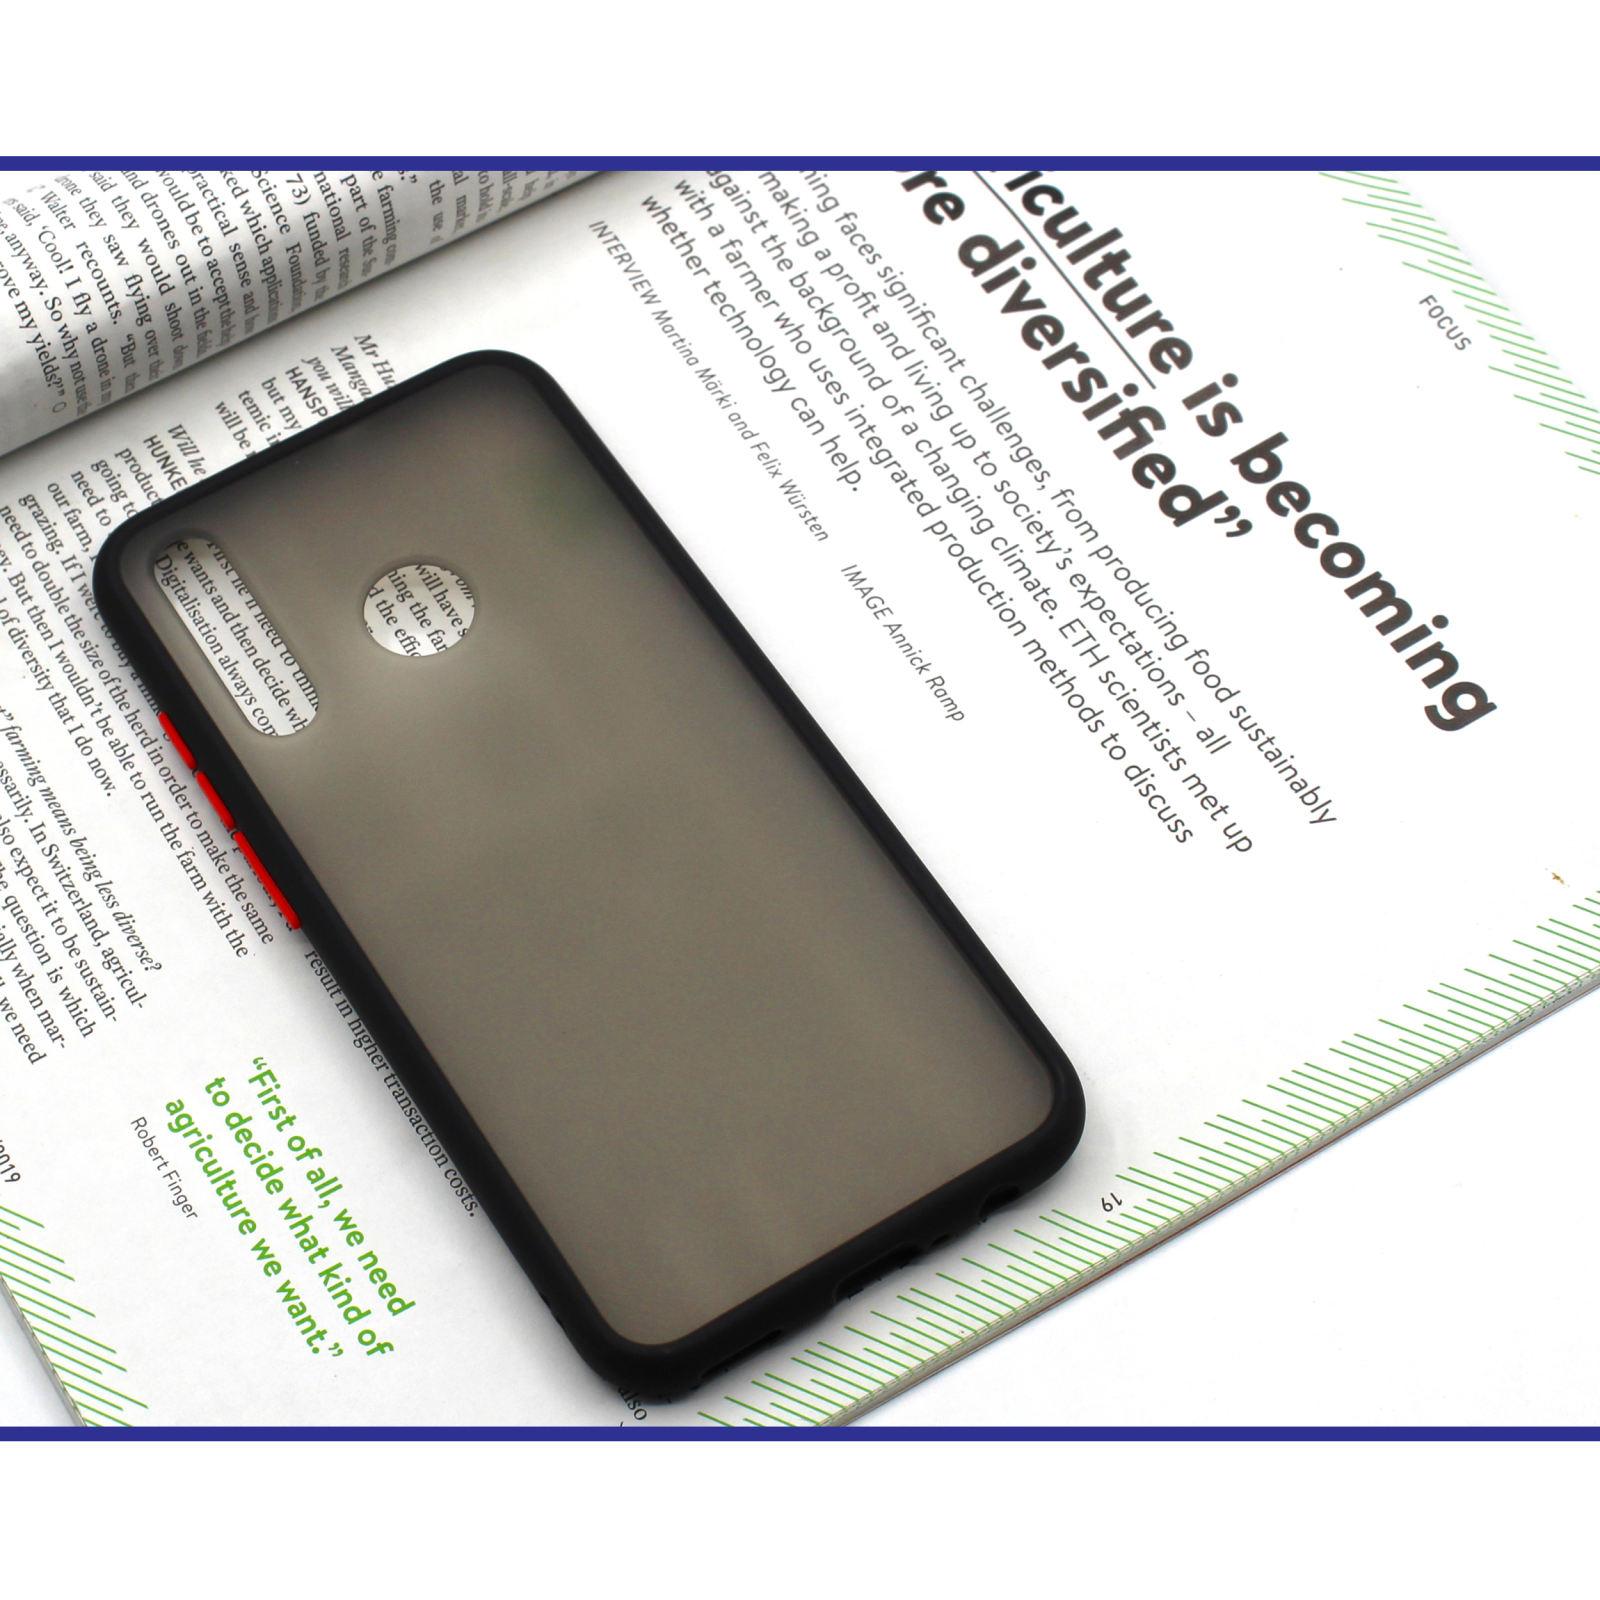 کاور فکرو مدل RX03 مناسب برای گوشی موبایل هوآوی p smart 2019/honor 10 lite/honor 20 lite